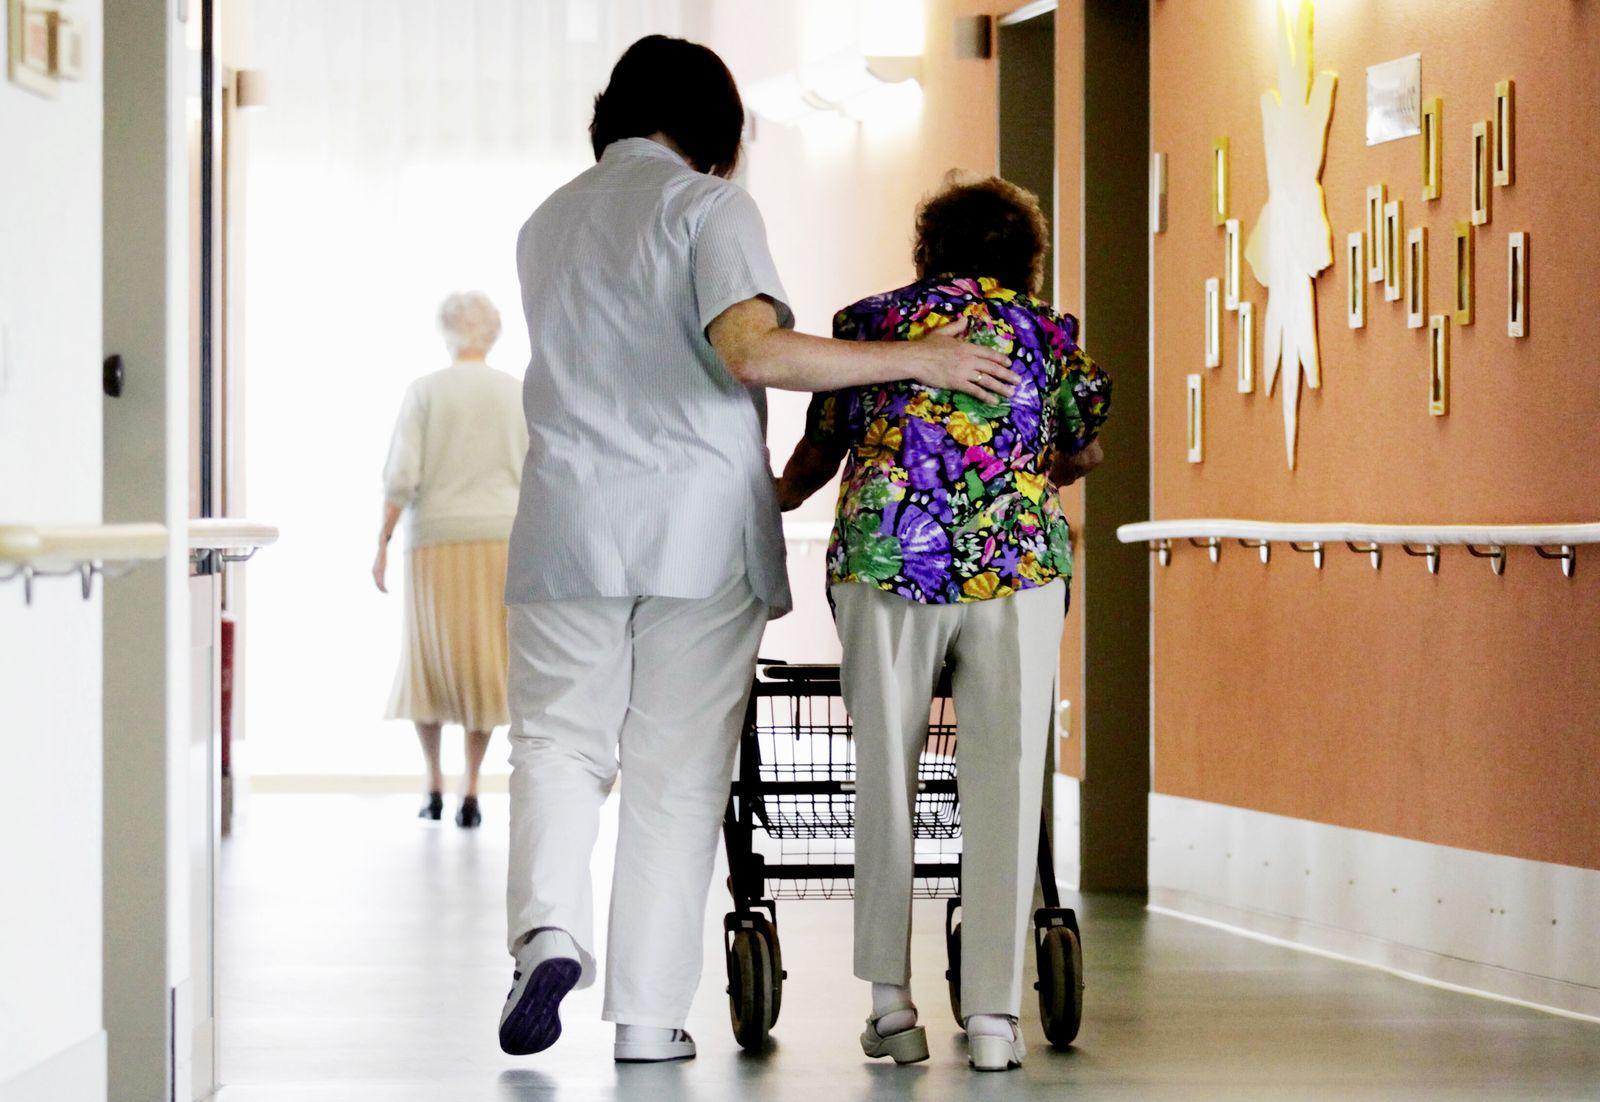 NICHT VERWENDEN THEMEN Altenbetreuung